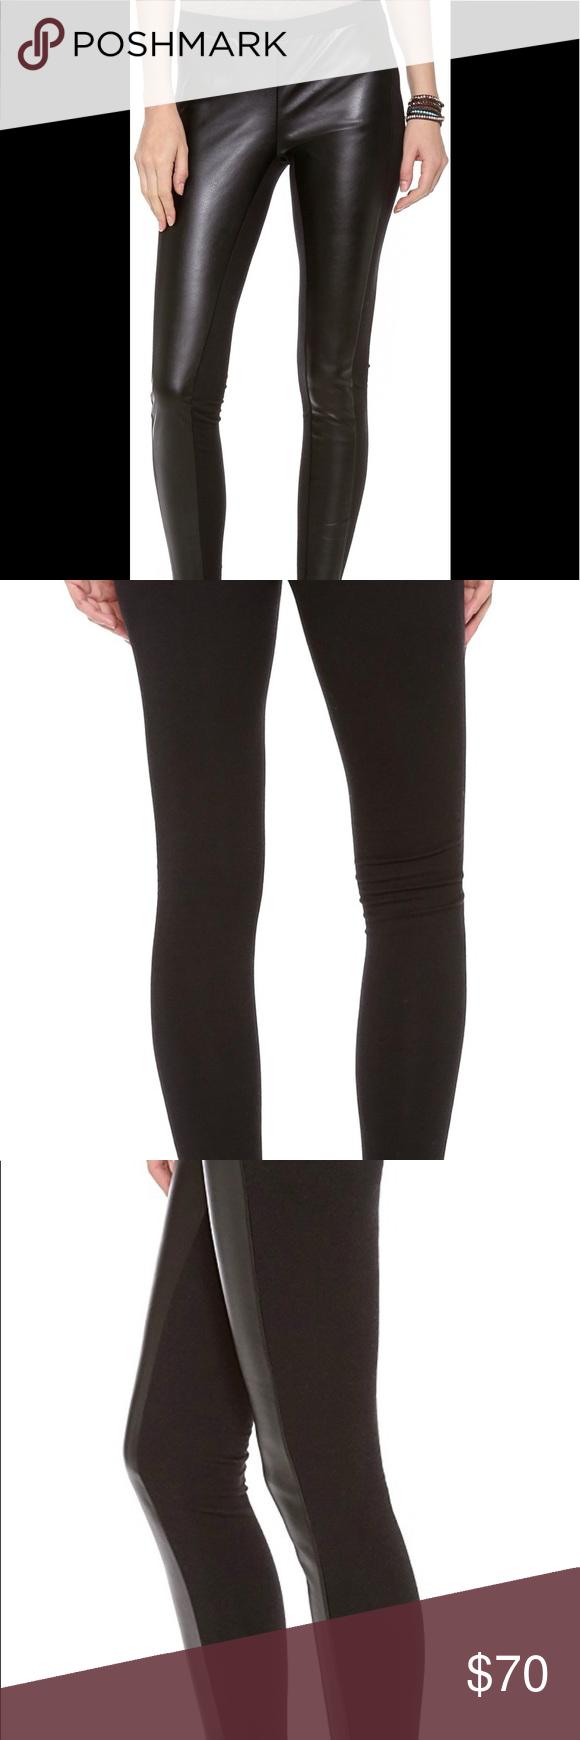 b2540231d99d9c Splendid Downtown Faux Leather Leggings size L Splendid downtown black faux  leather leggings Large Splendid Pants Leggings